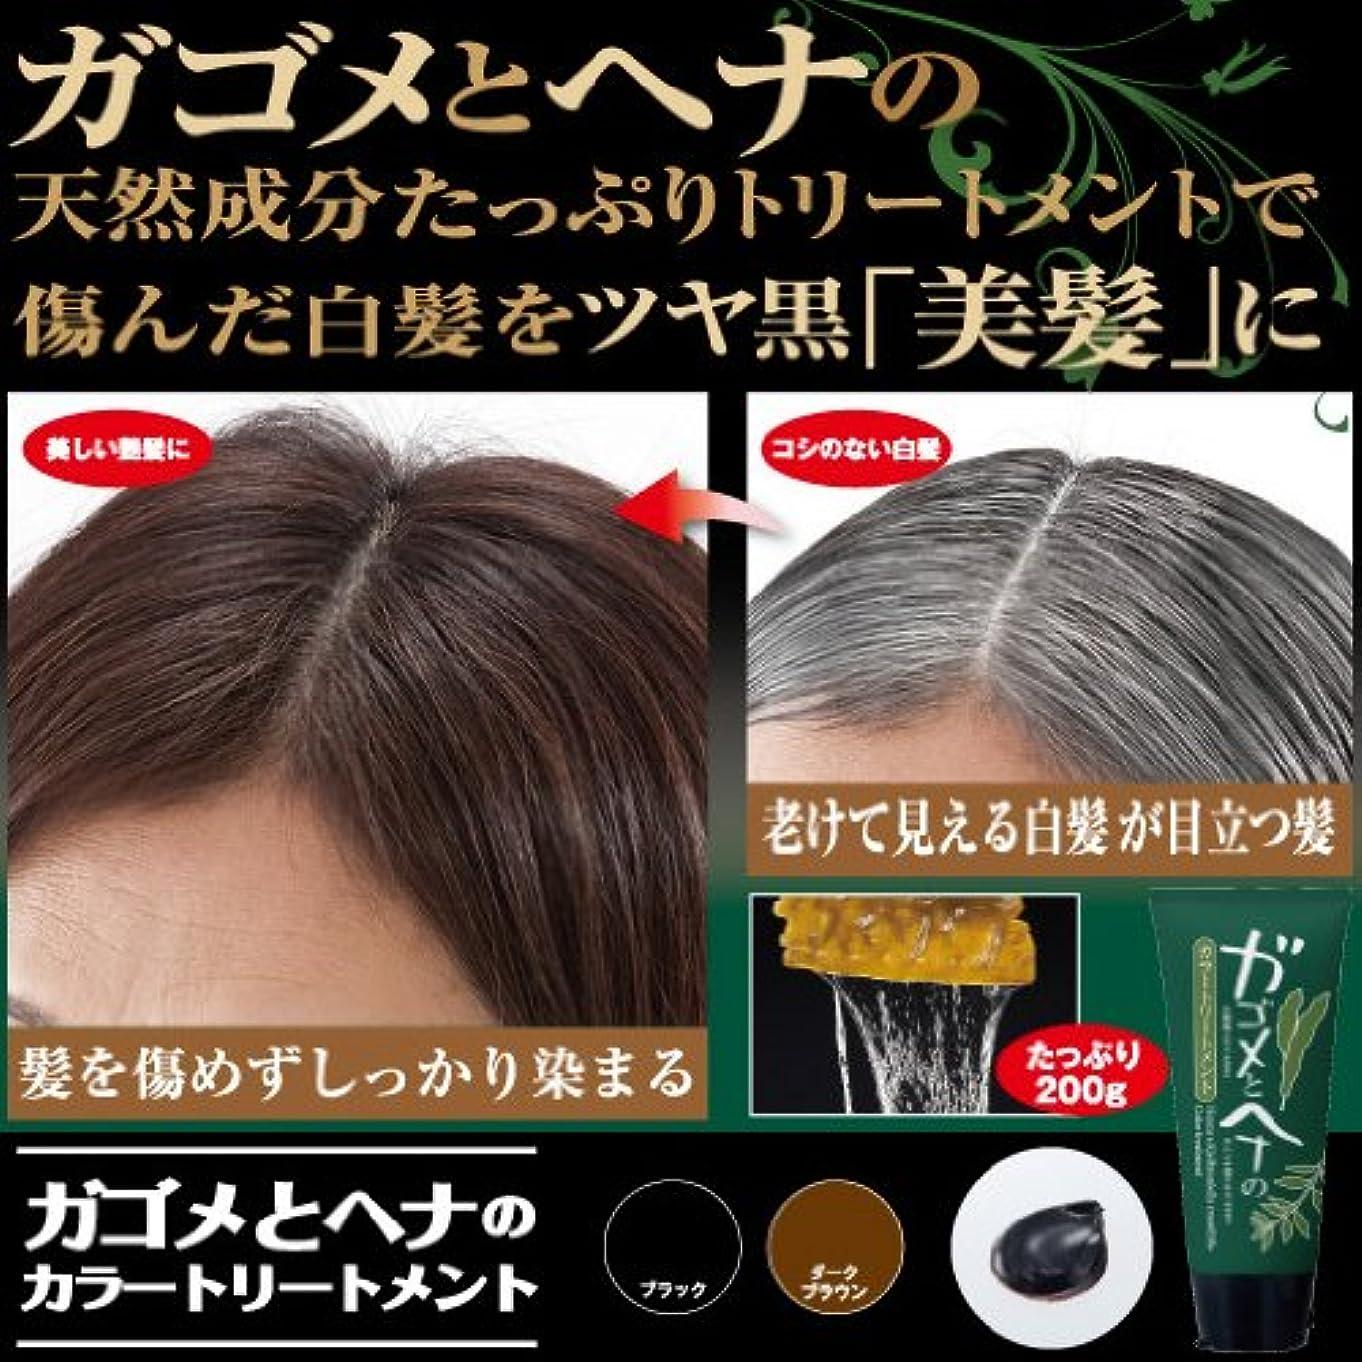 引き付ける失業者野球髪を傷めず白髪1本1本しっかり色づけ『ガゴメとヘナの カラートリートメント』(ブラック)